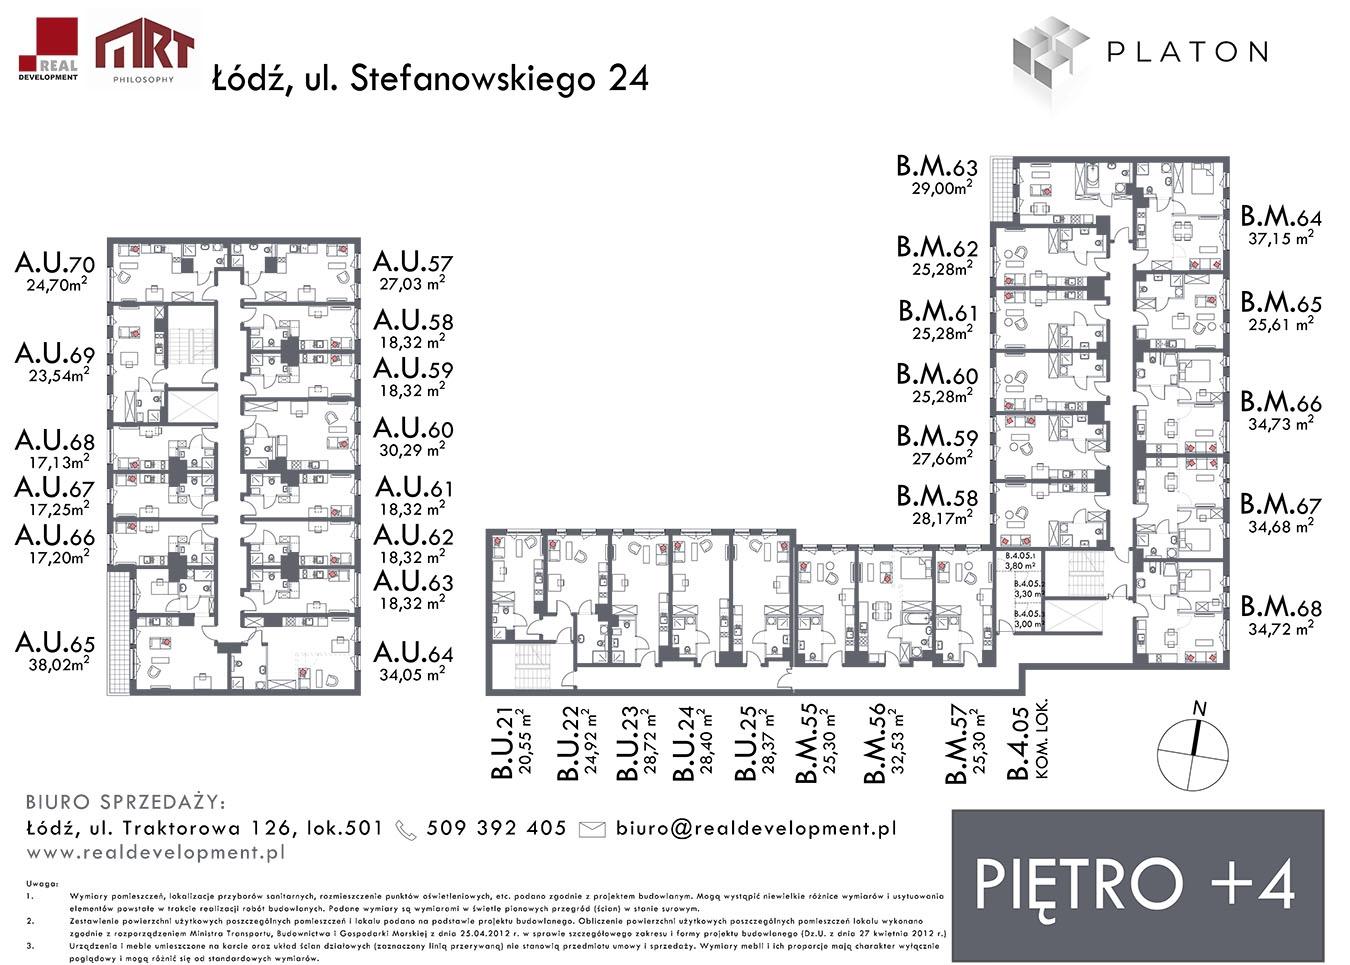 Platon - Piętro 4